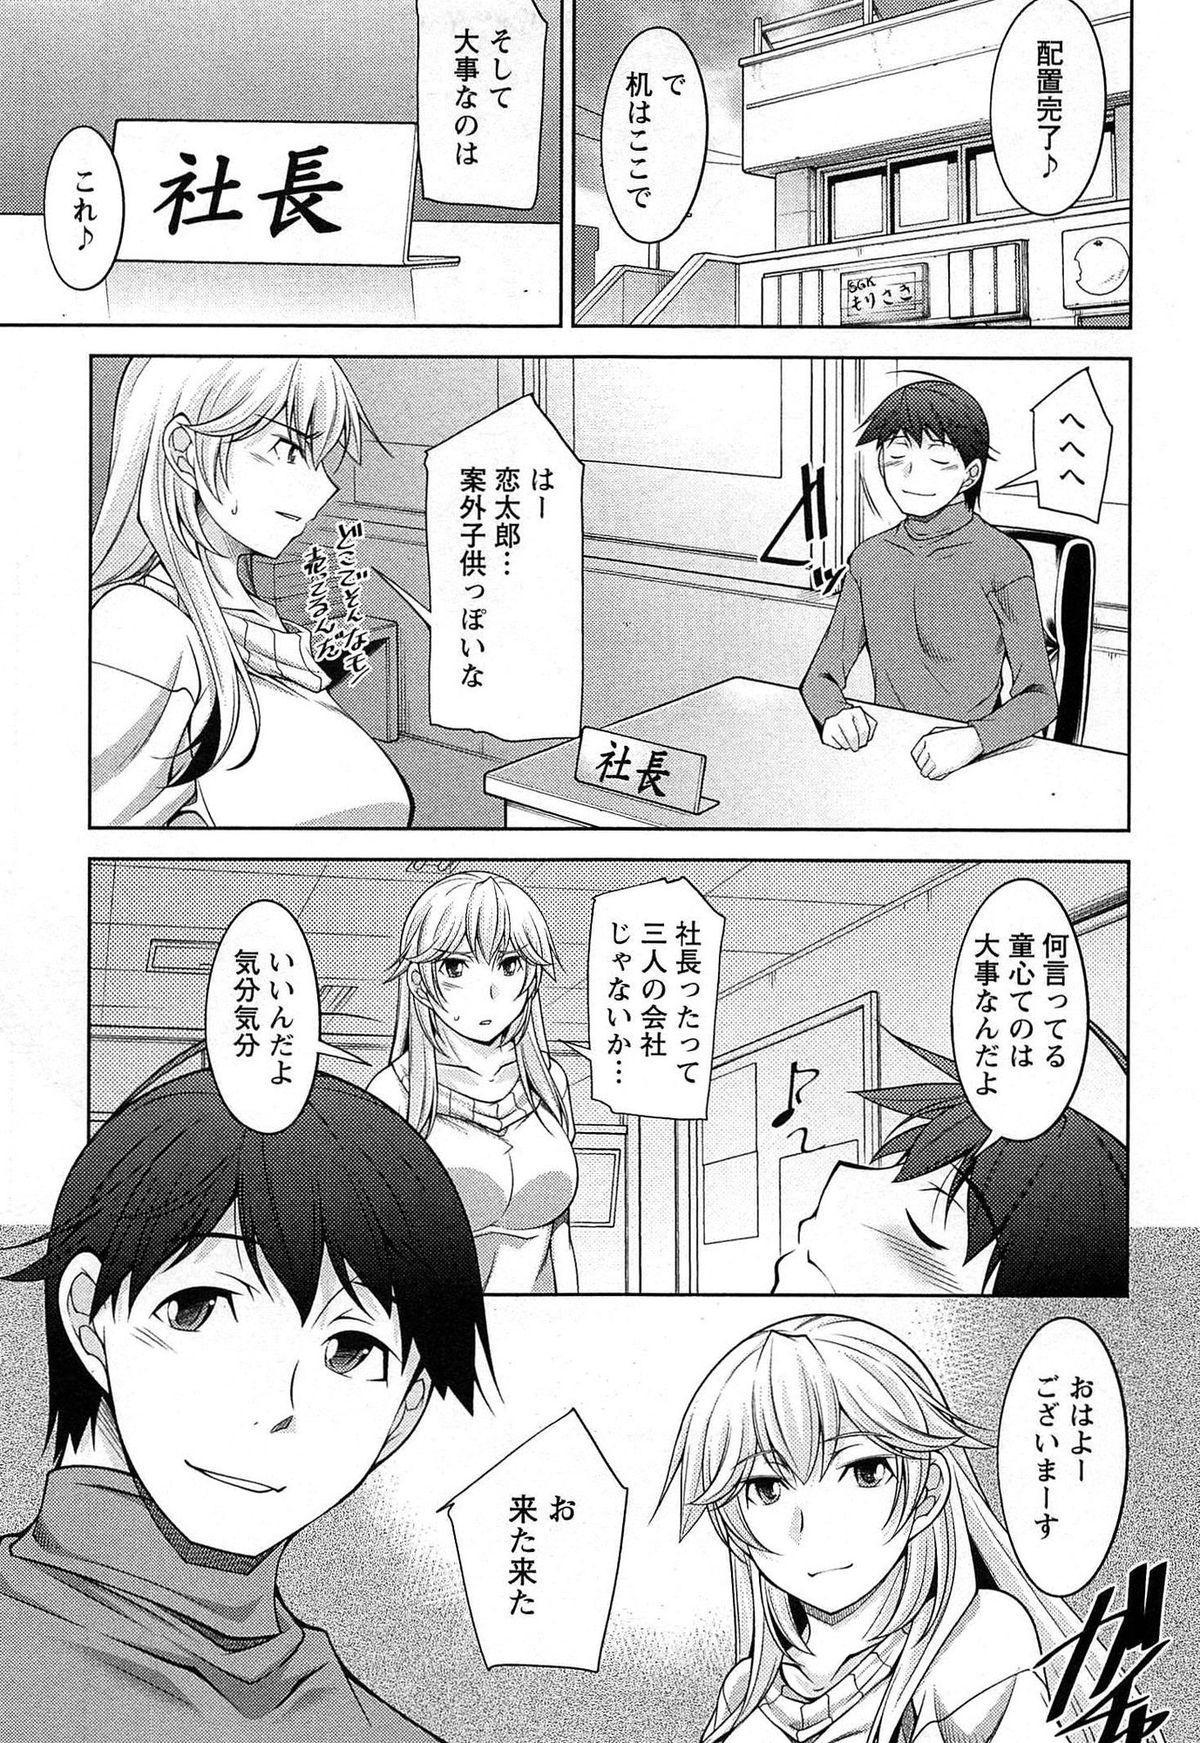 [zen9] Tsuki-wo Ai-Shite - Tsuki-ni Koi-shite 2 5